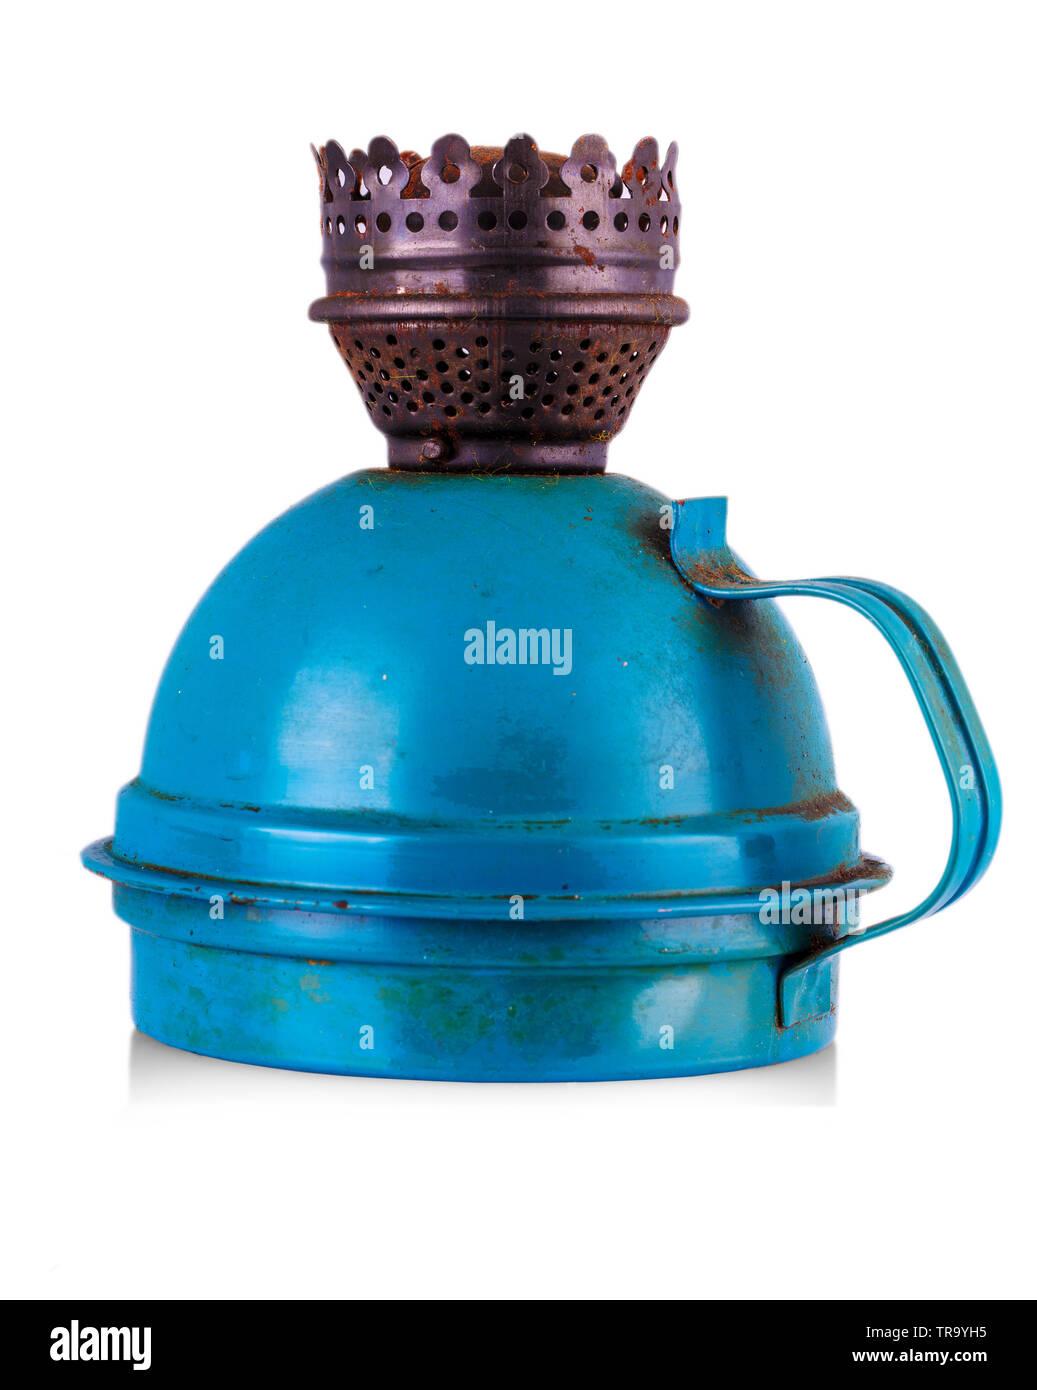 Old kerosene blue lamp isolated over white background - Stock Image